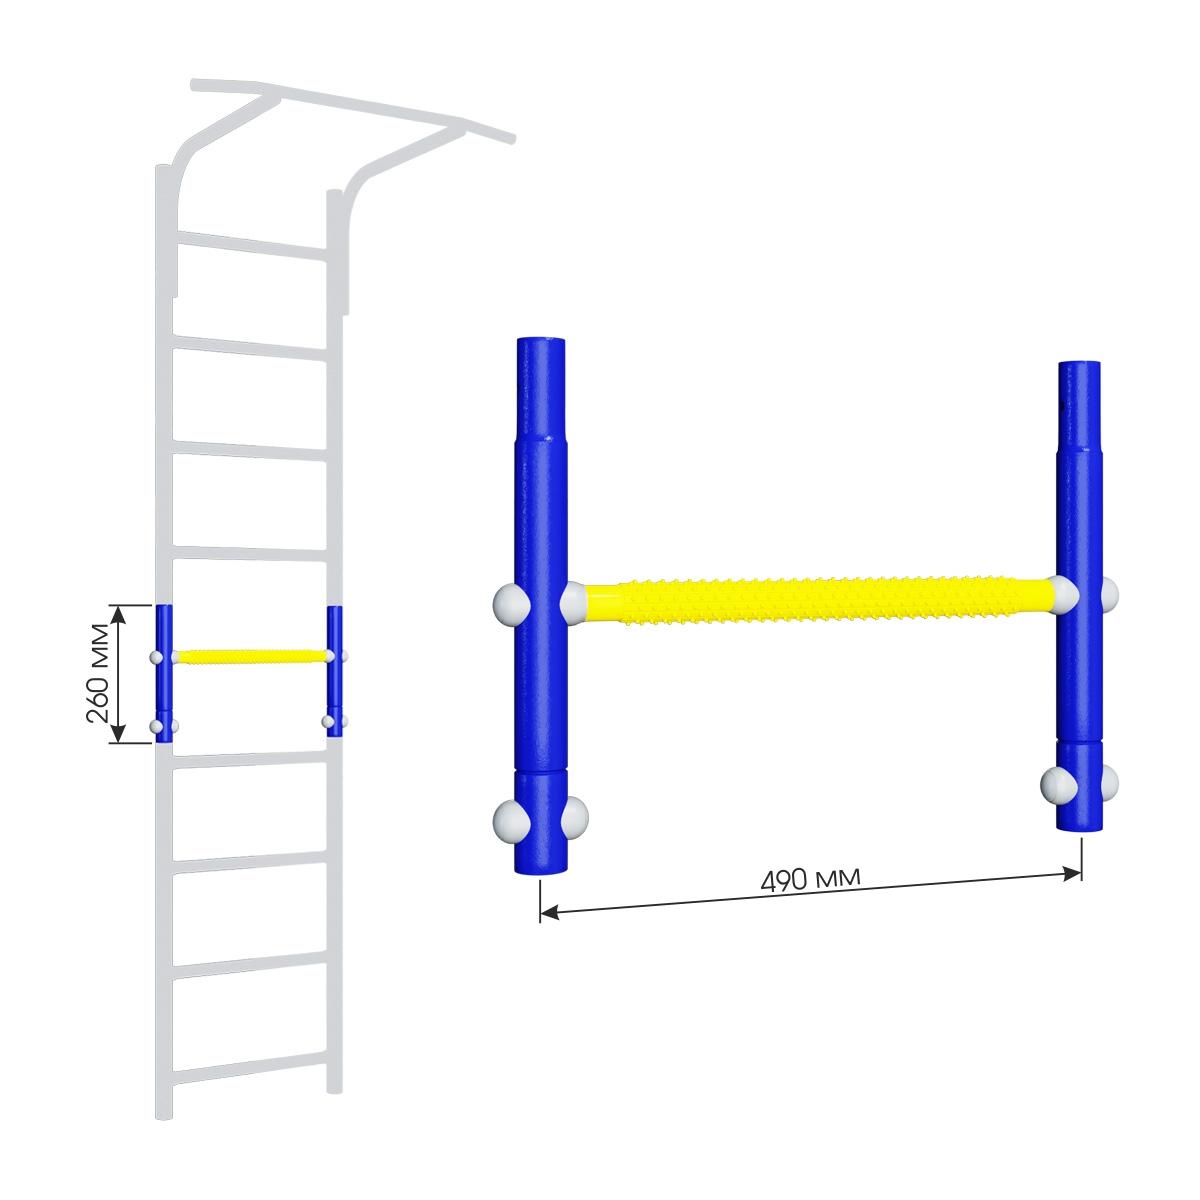 Вставка для увеличения высоты ДСКМ 490 Romana Dop9 (6.06.01) синяя слива/жёлтый